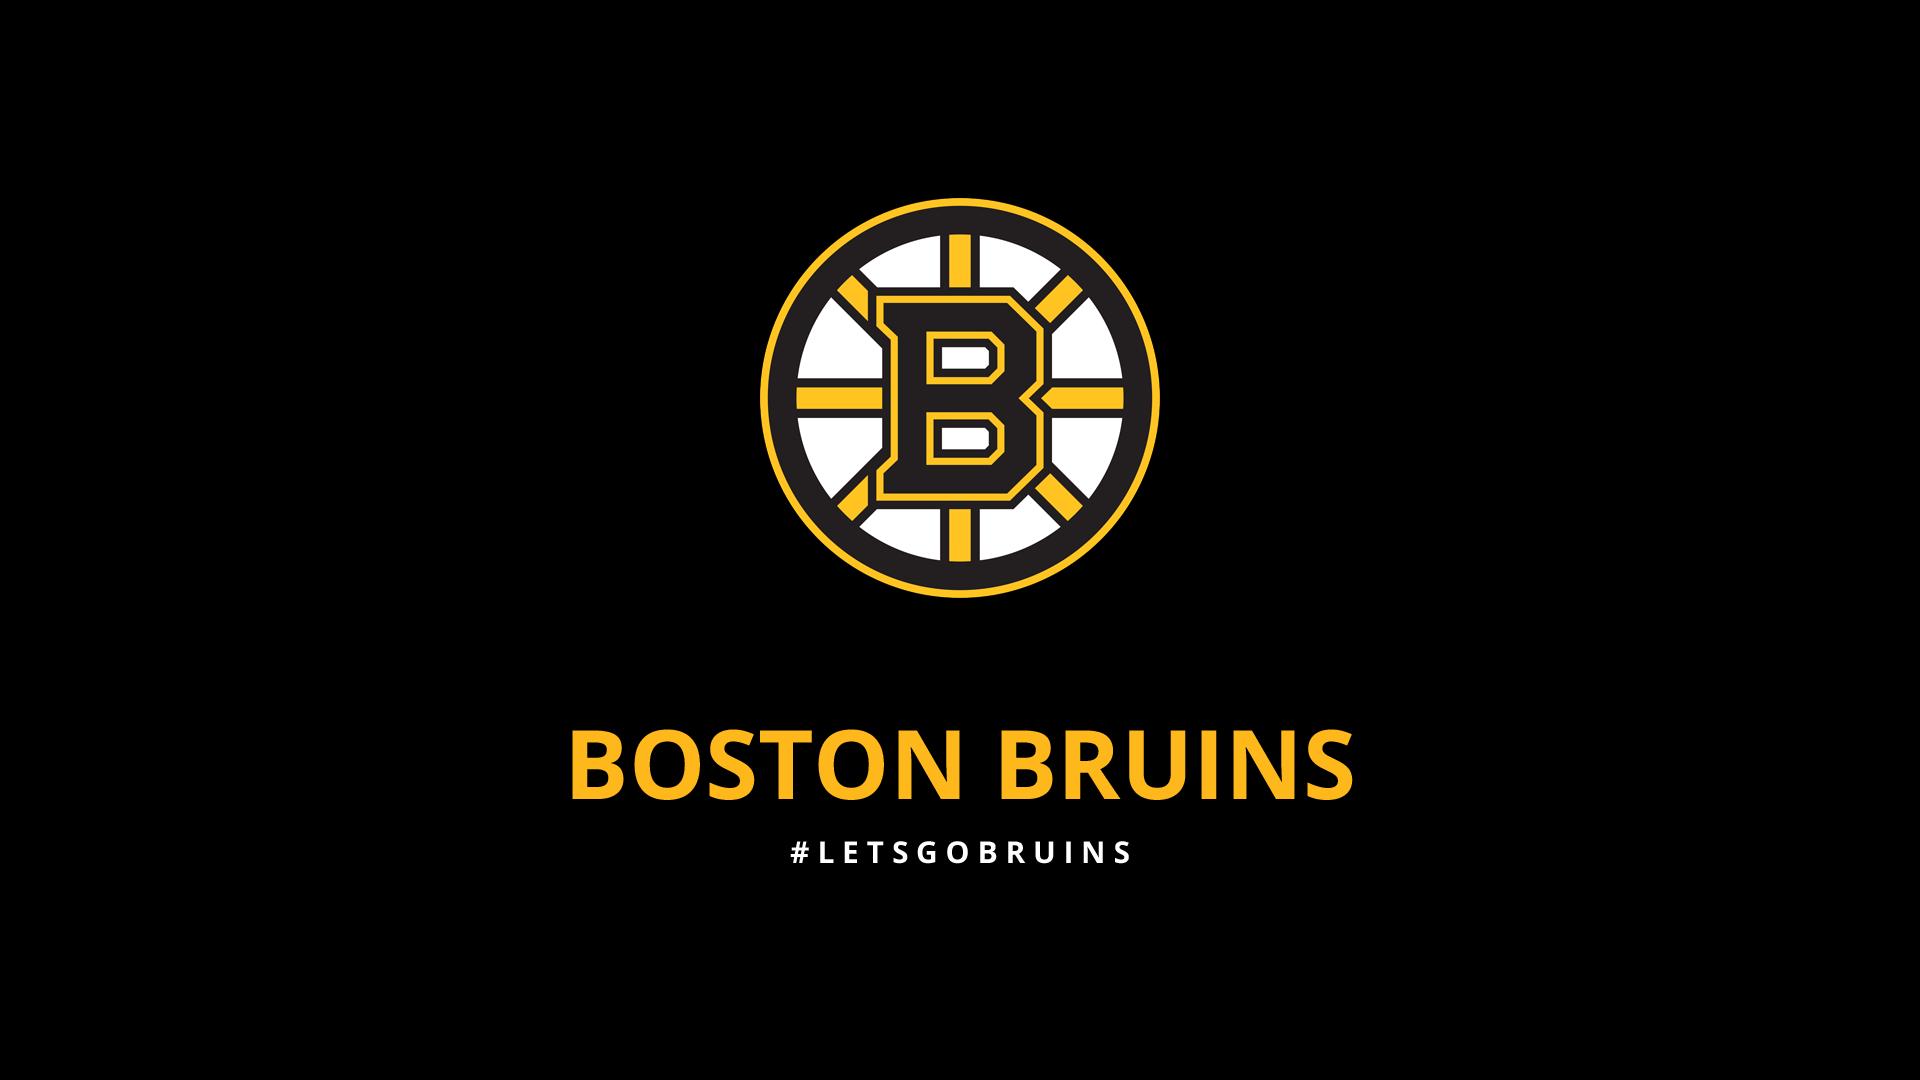 Boston bruins logo wallpaper wallpapersafari - Boston bruins wallpaper border ...